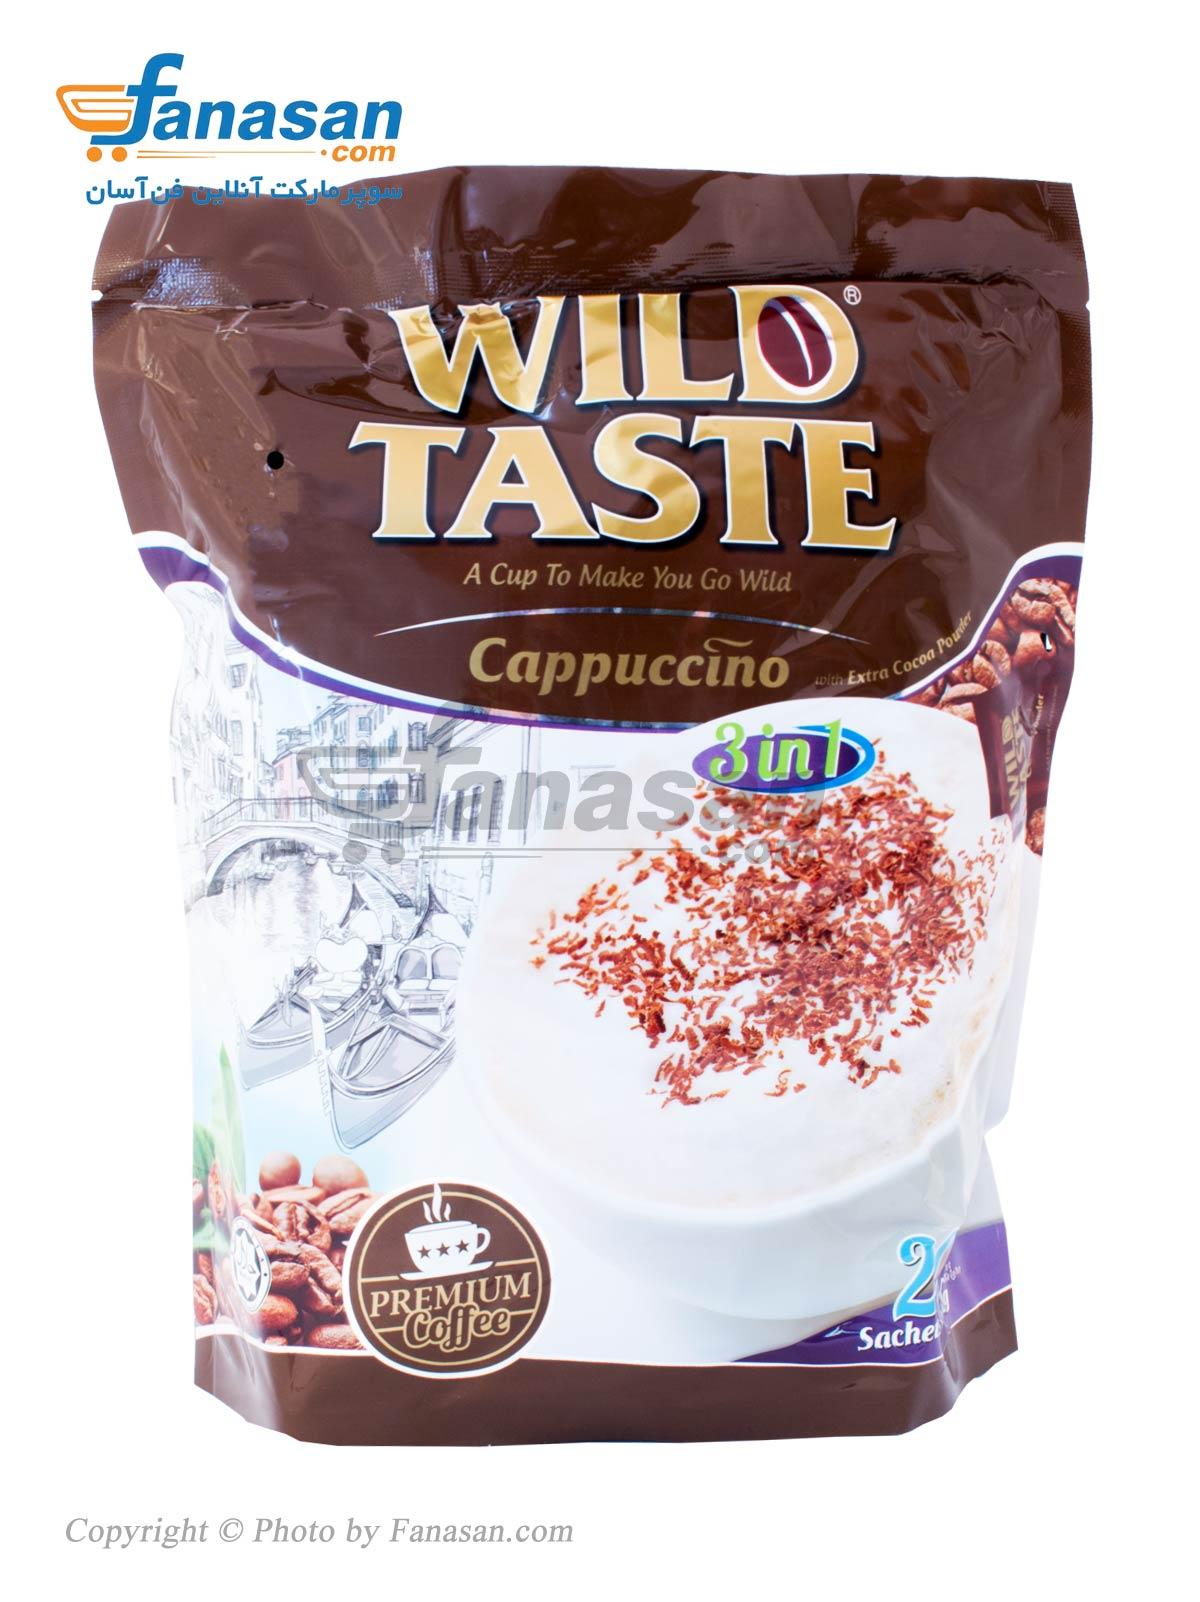 کاپوچینو وایلدتیست 3 در 1 همراه با کاکائو 20 عددی